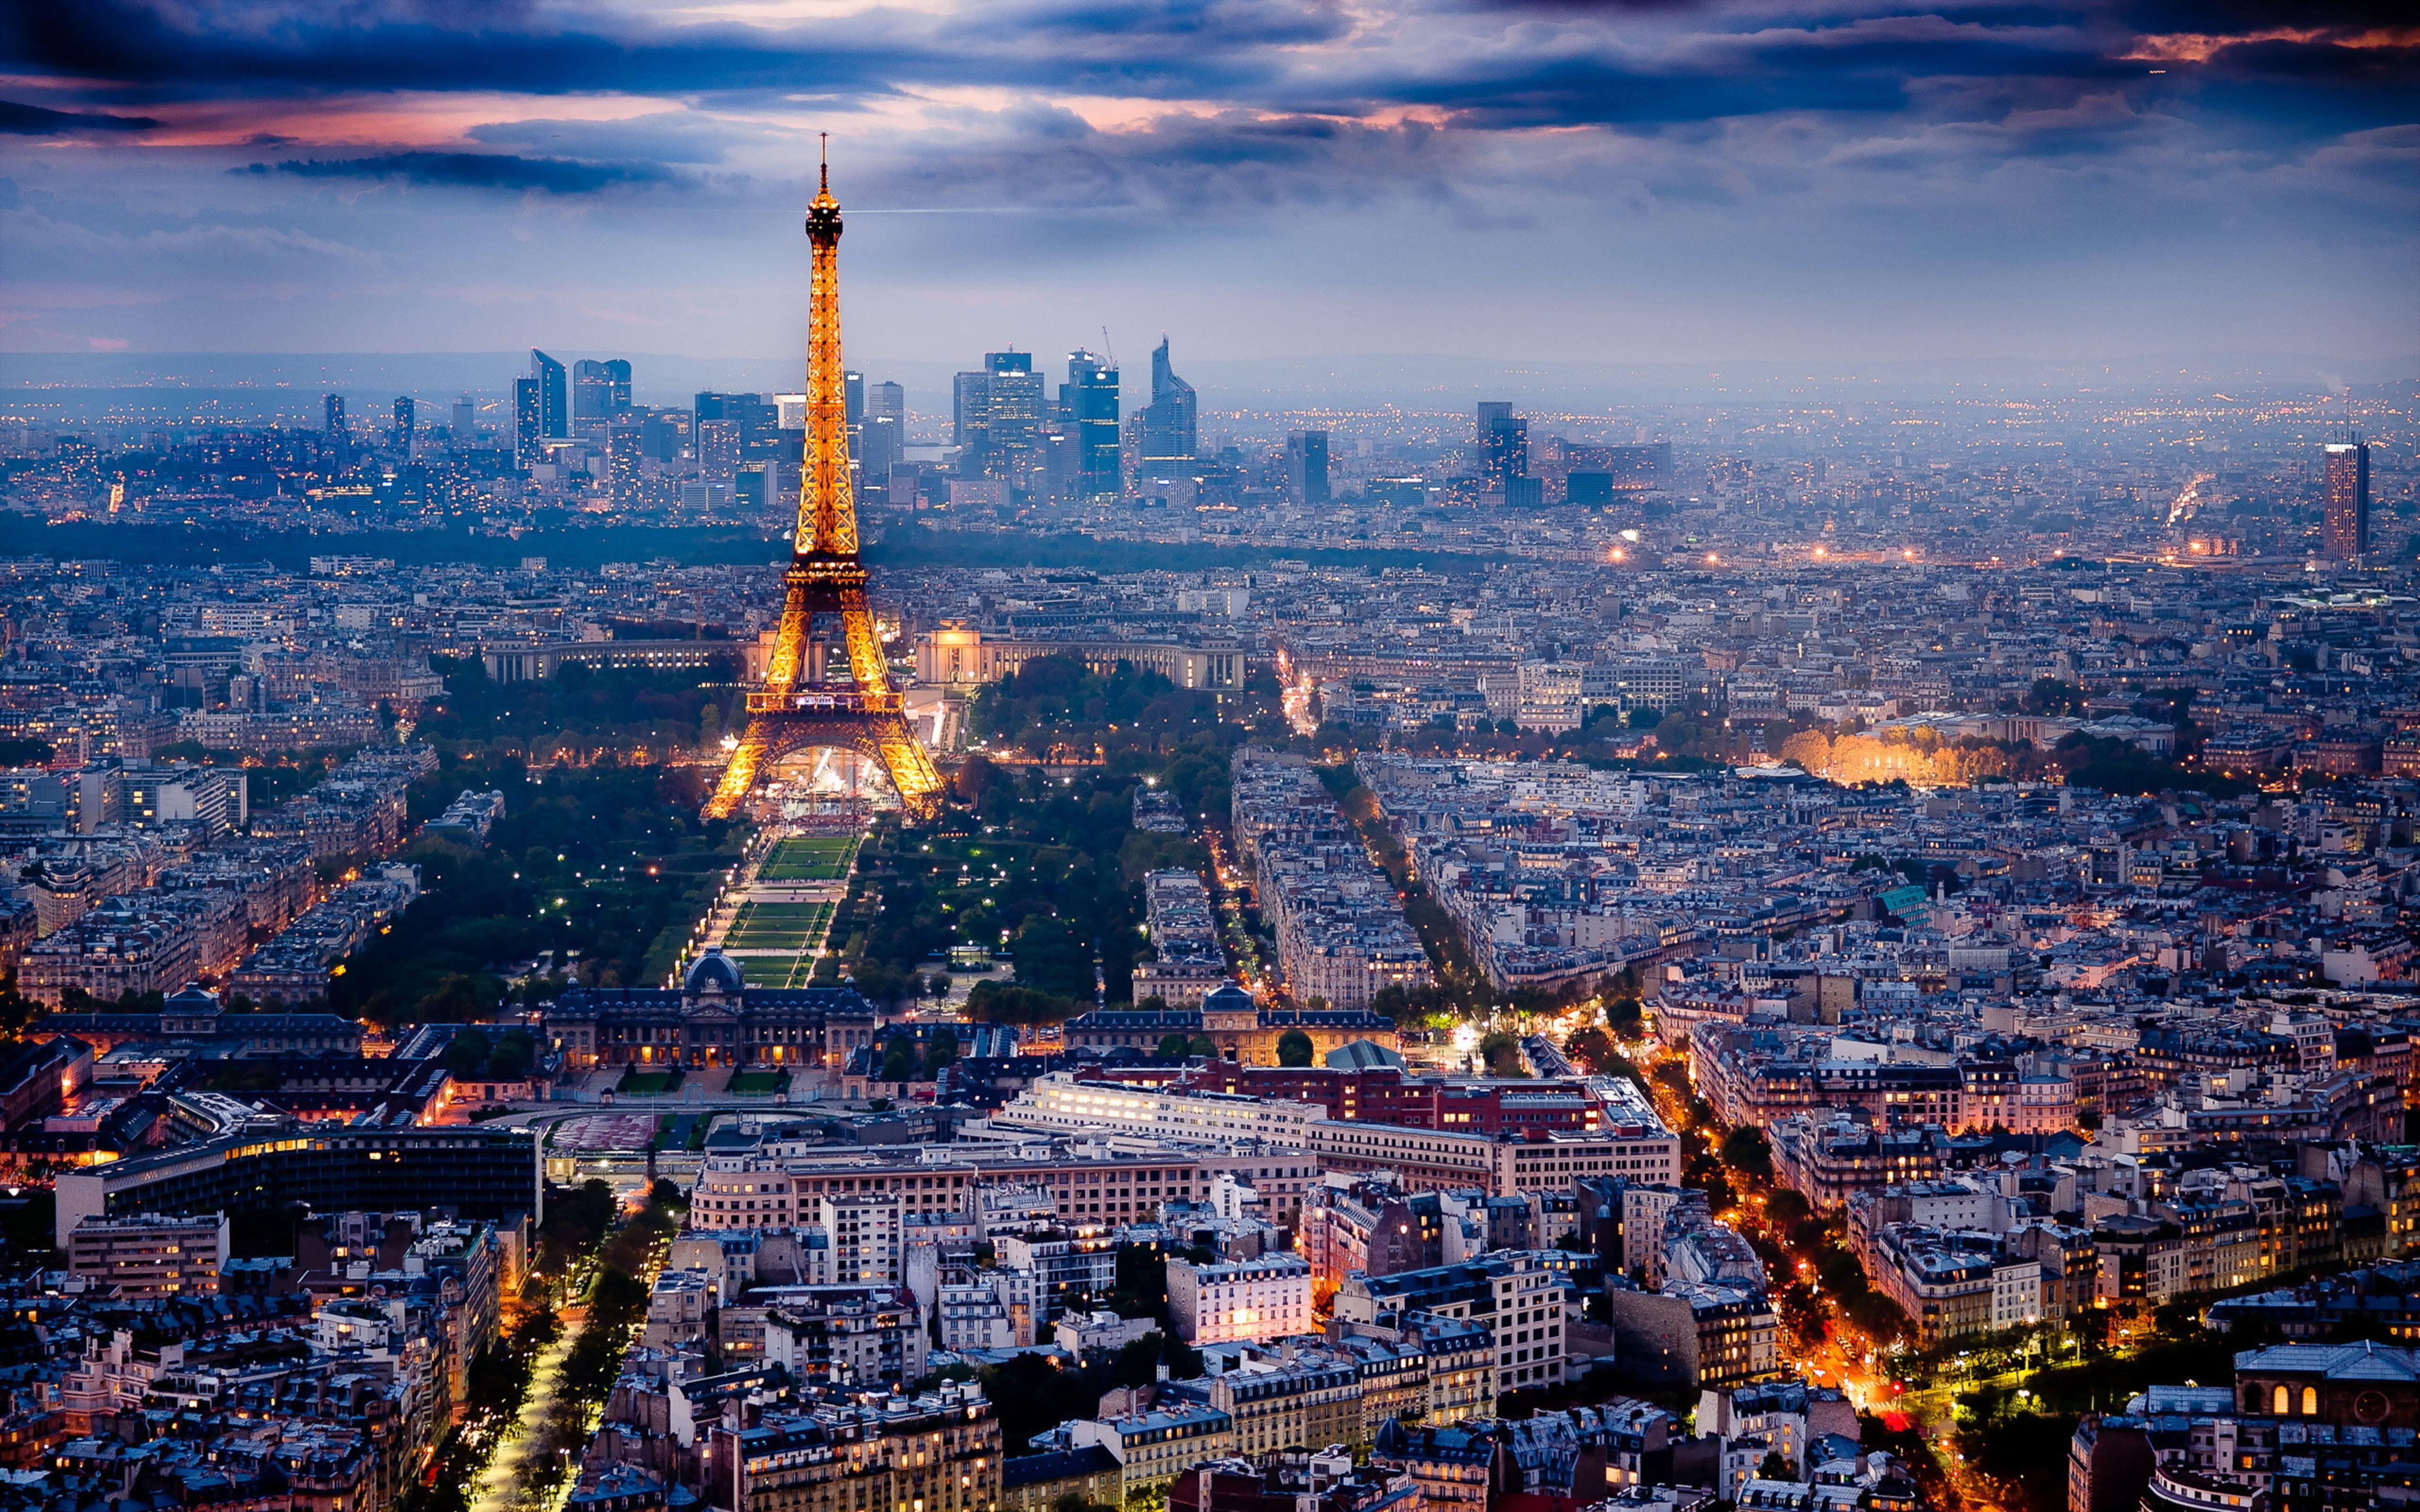 Wallpaper download paris - Wallpaper Download 5120x3200 Landscape Paris Night View Architecture Awsome Wallpapers Hd Wallpaper Download